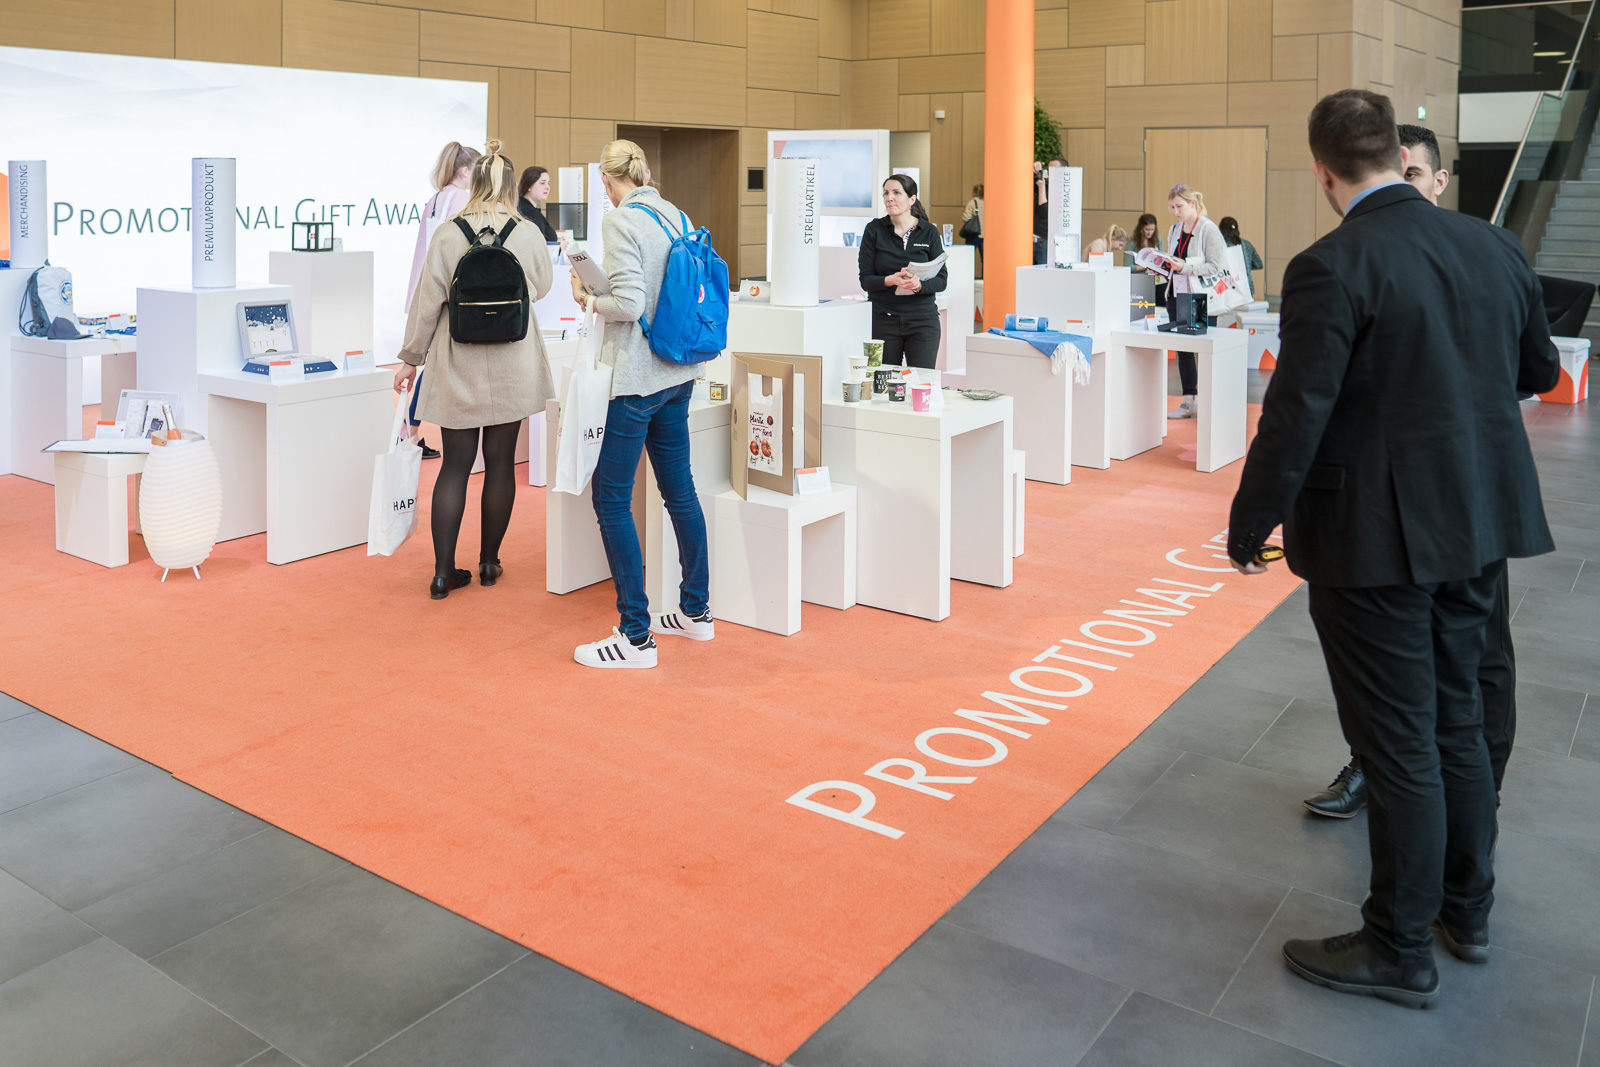 Messefotografie - Haptica - Bonn - Veranstalter WA Media - Gäste schauen sich die neuesten Innovationen an